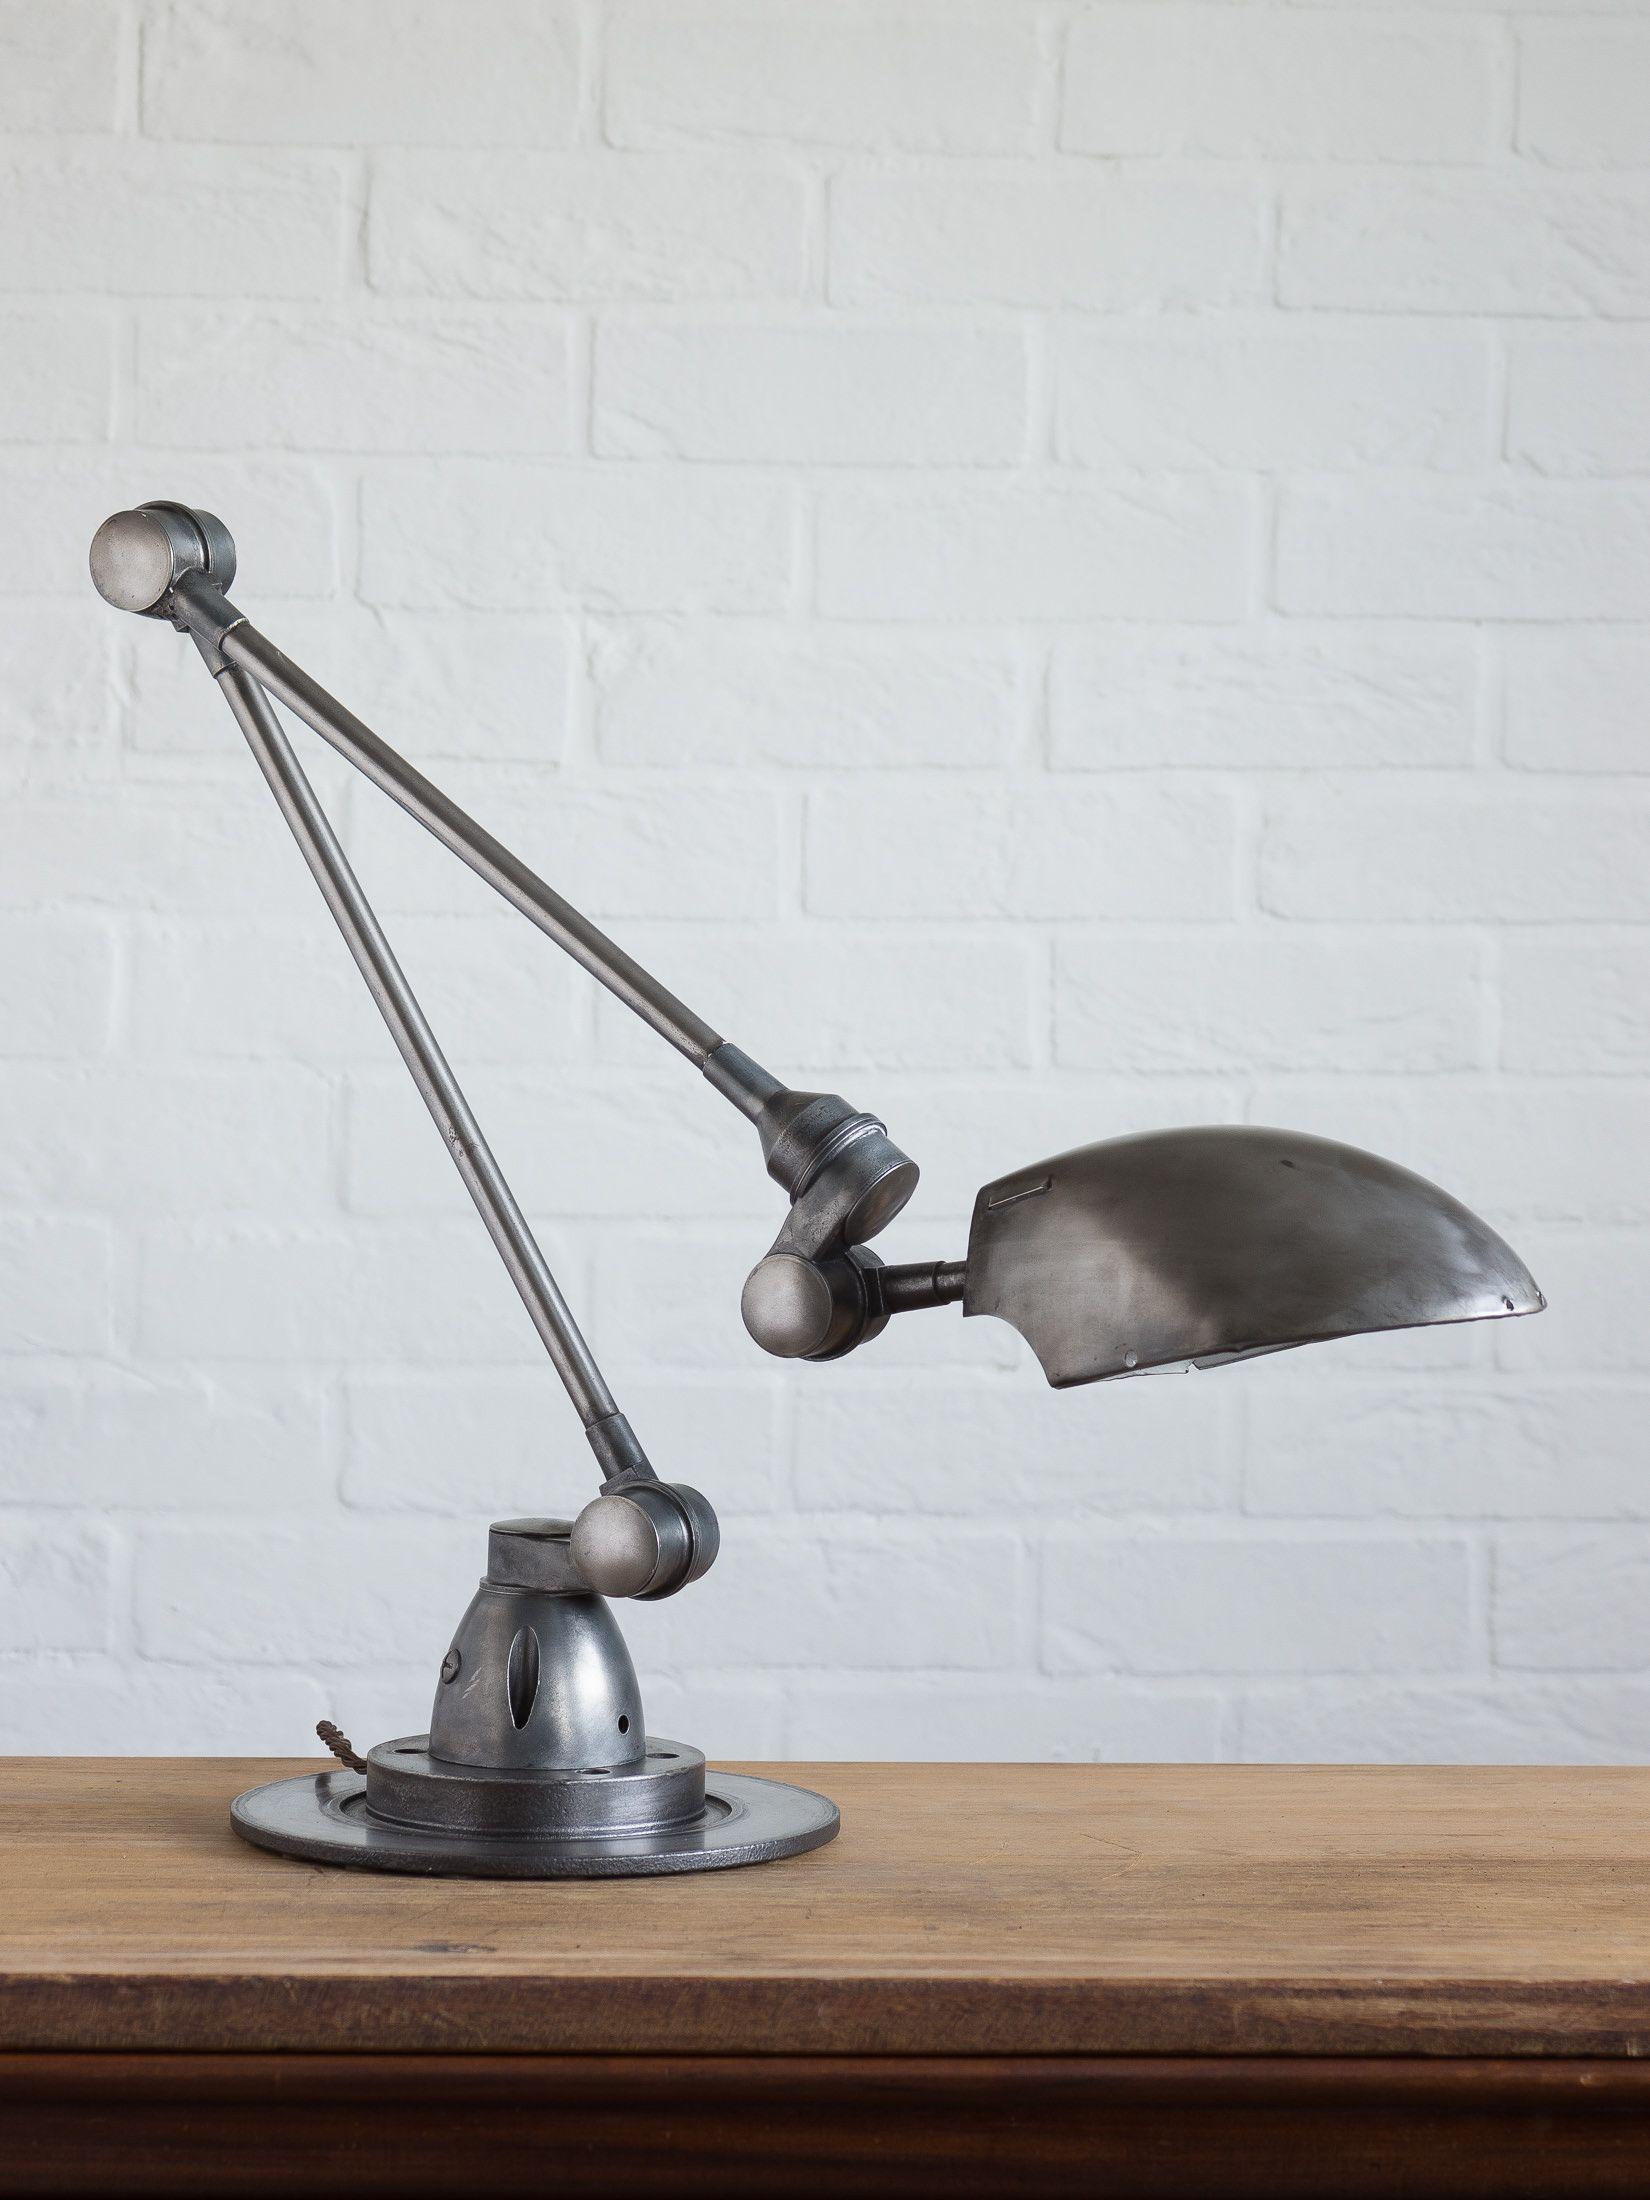 Rare Vintage Industrial Desk Lamp Similar to Jielde Designs | Artifact Interiors | Artifact Lighting